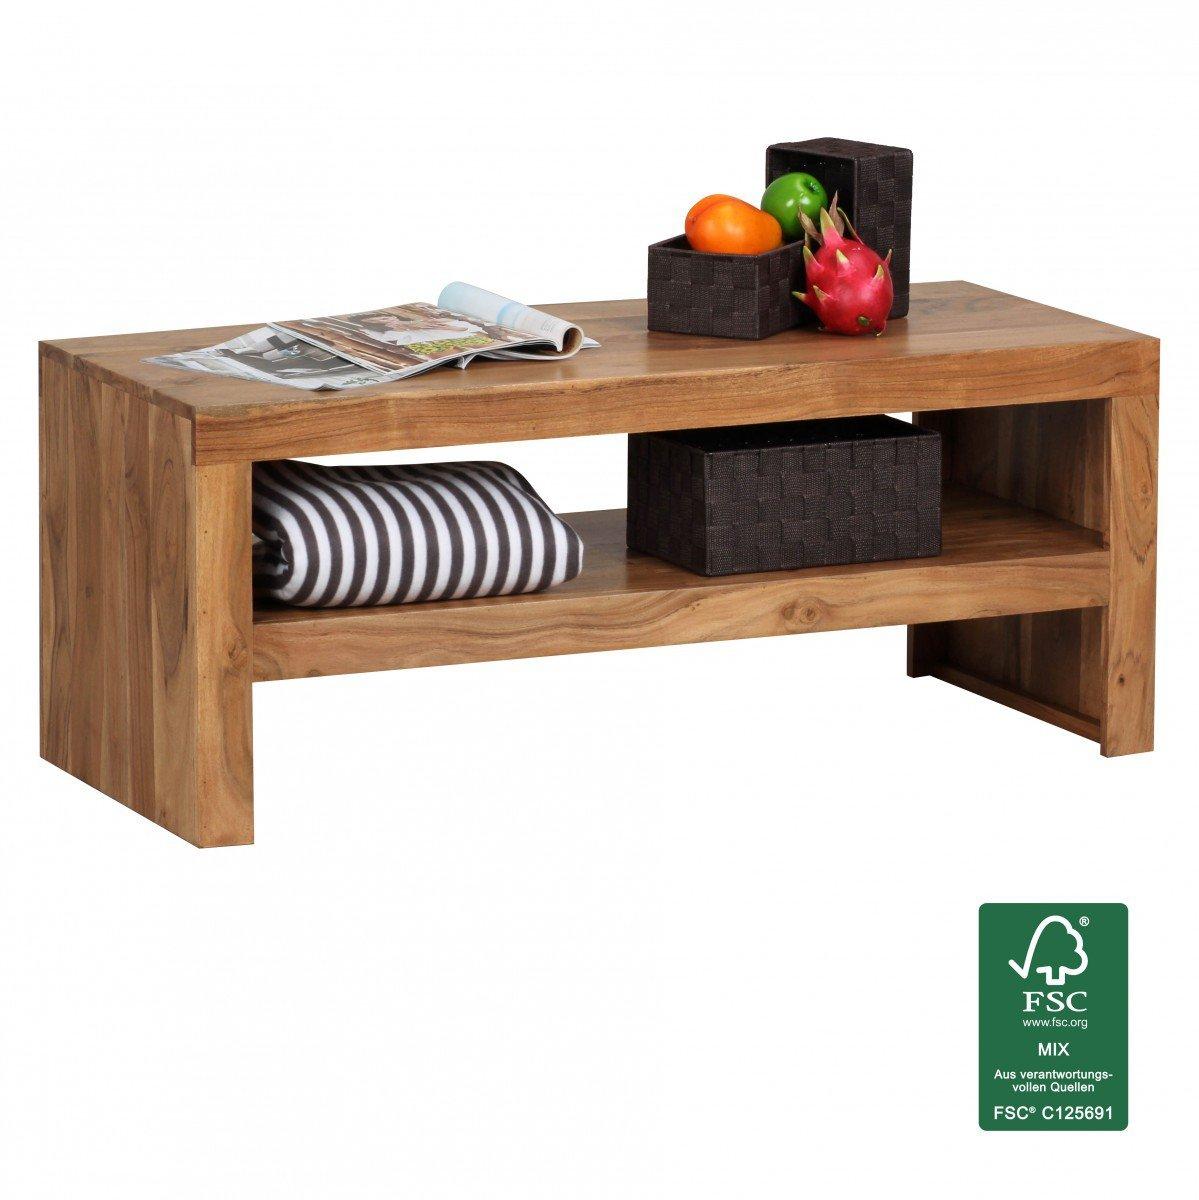 Wohnling Couchtisch Massiv Holz Sheesham 110 Cm Breit Wohnzimmer Tisch Design Landhaus Stil Beistelltisch Natur Produkt Wohnzimmermbel Unikat Modern